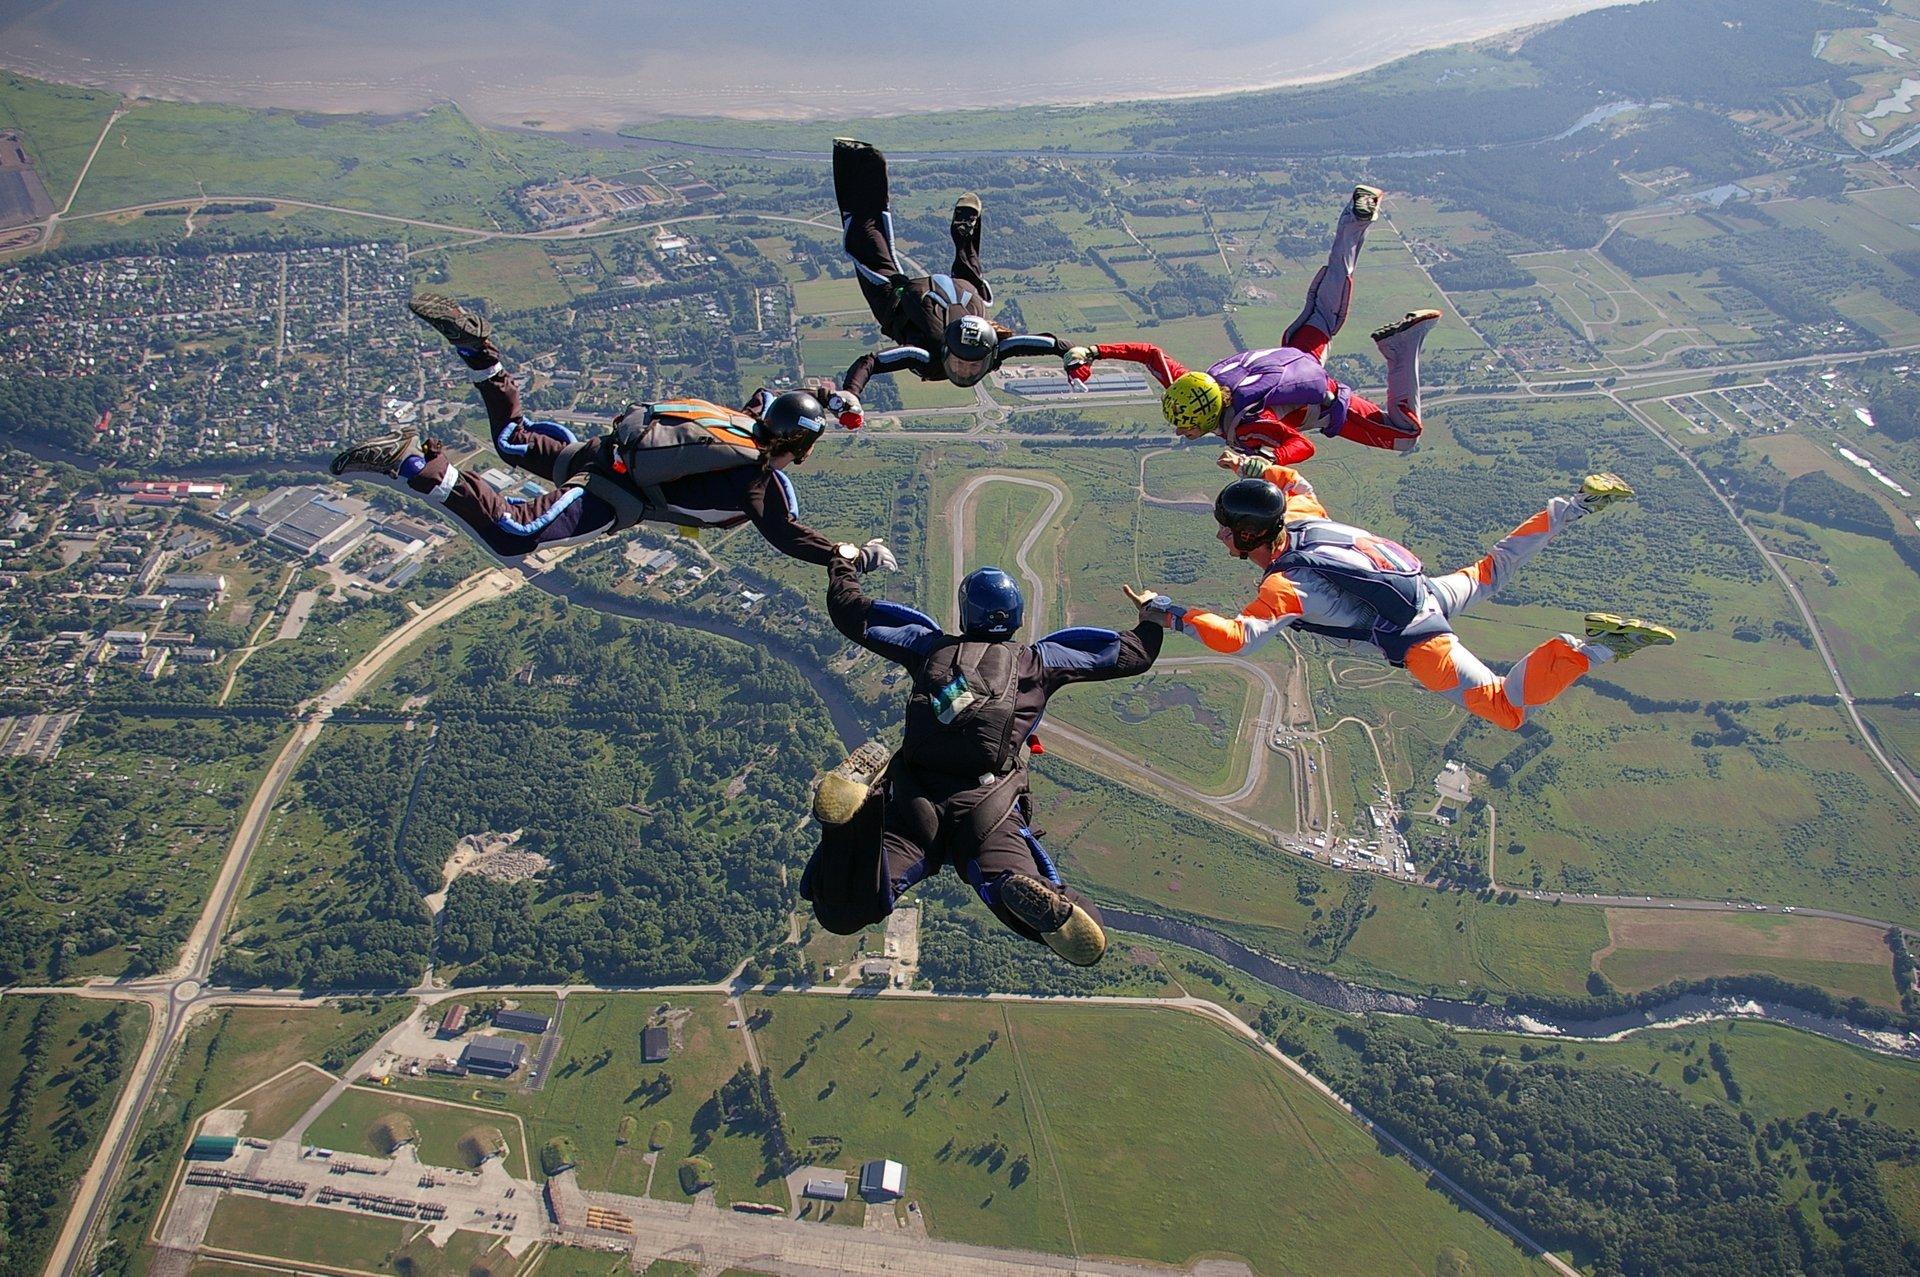 Skydiving in Estonia 2019 - Best Time